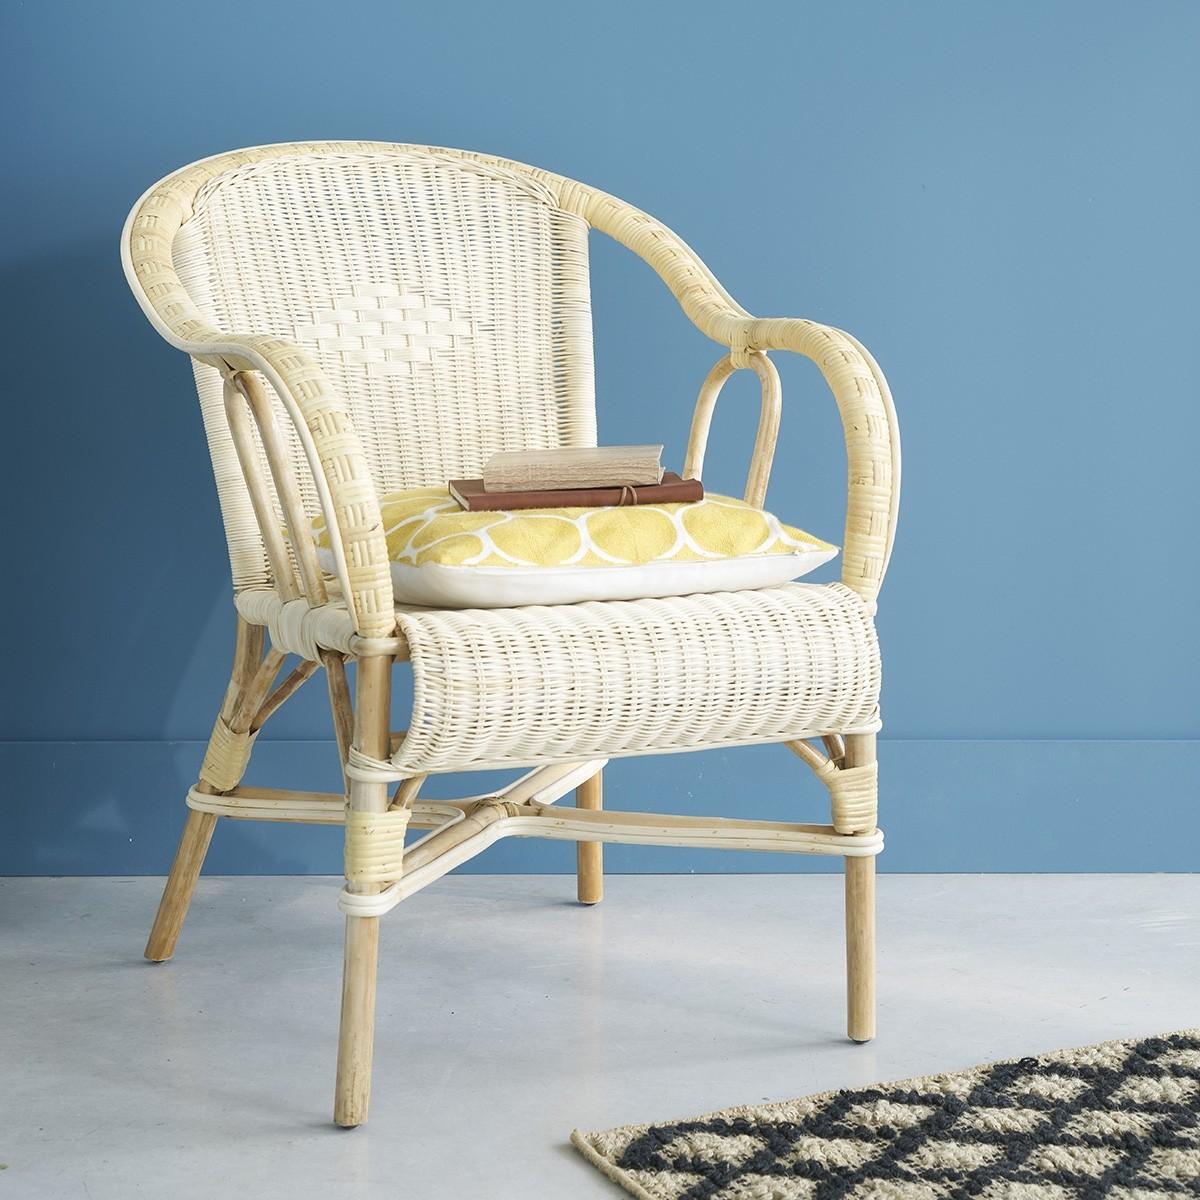 fauteuil en rotin naturel bois dessus bois dessous. Black Bedroom Furniture Sets. Home Design Ideas